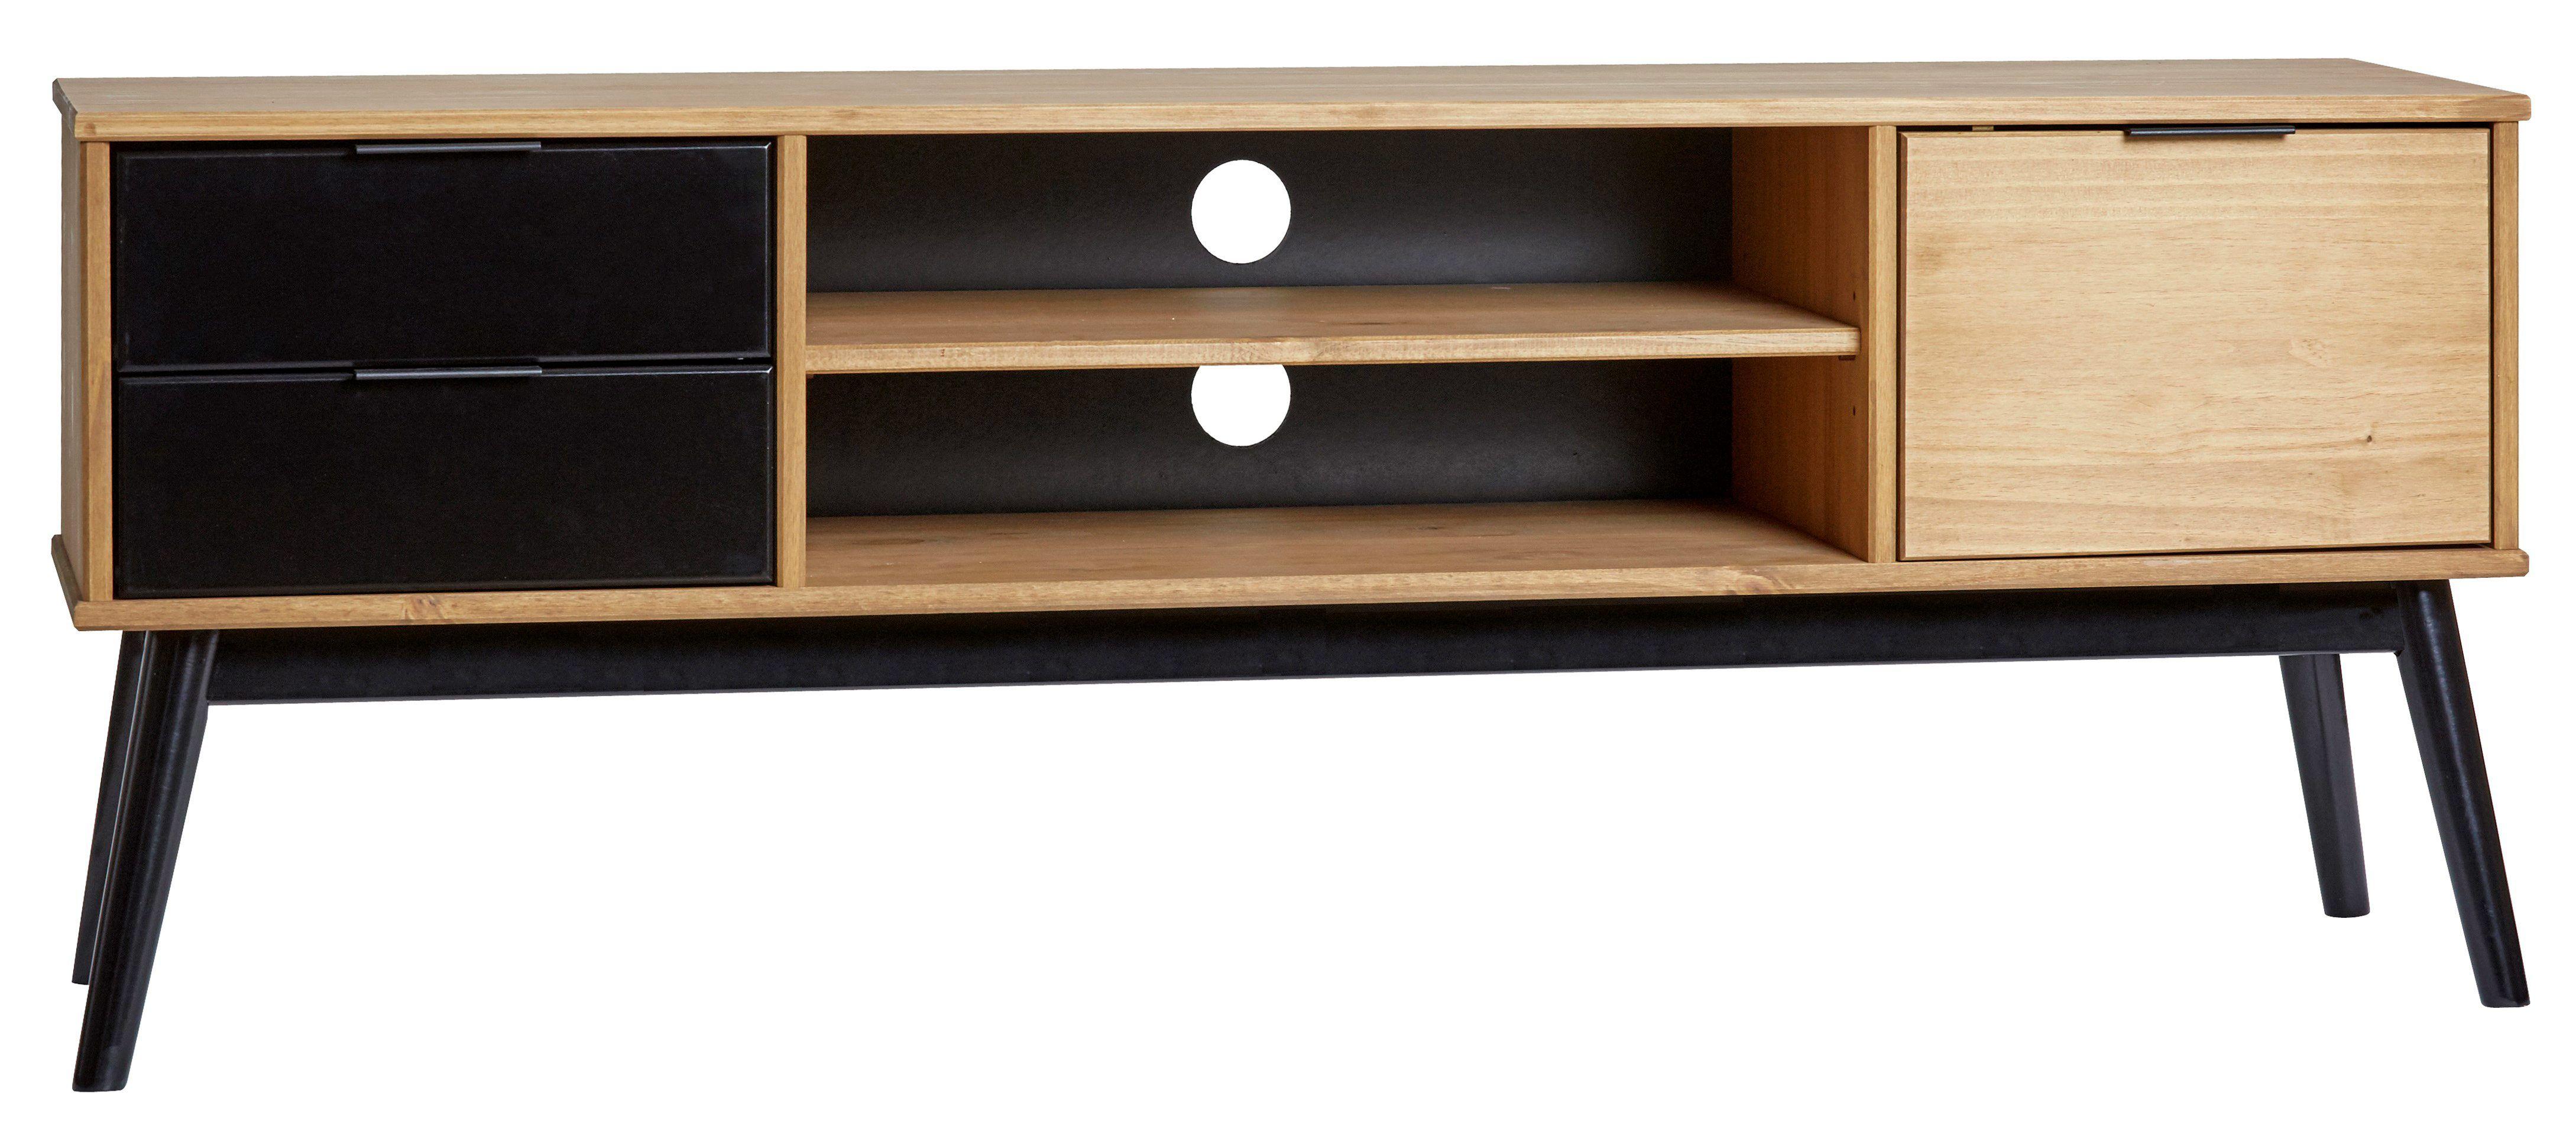 meilleur service 722c5 2a743 Meuble TV ethnique LUCIA Noir et bois ciré | Mobilier de ...